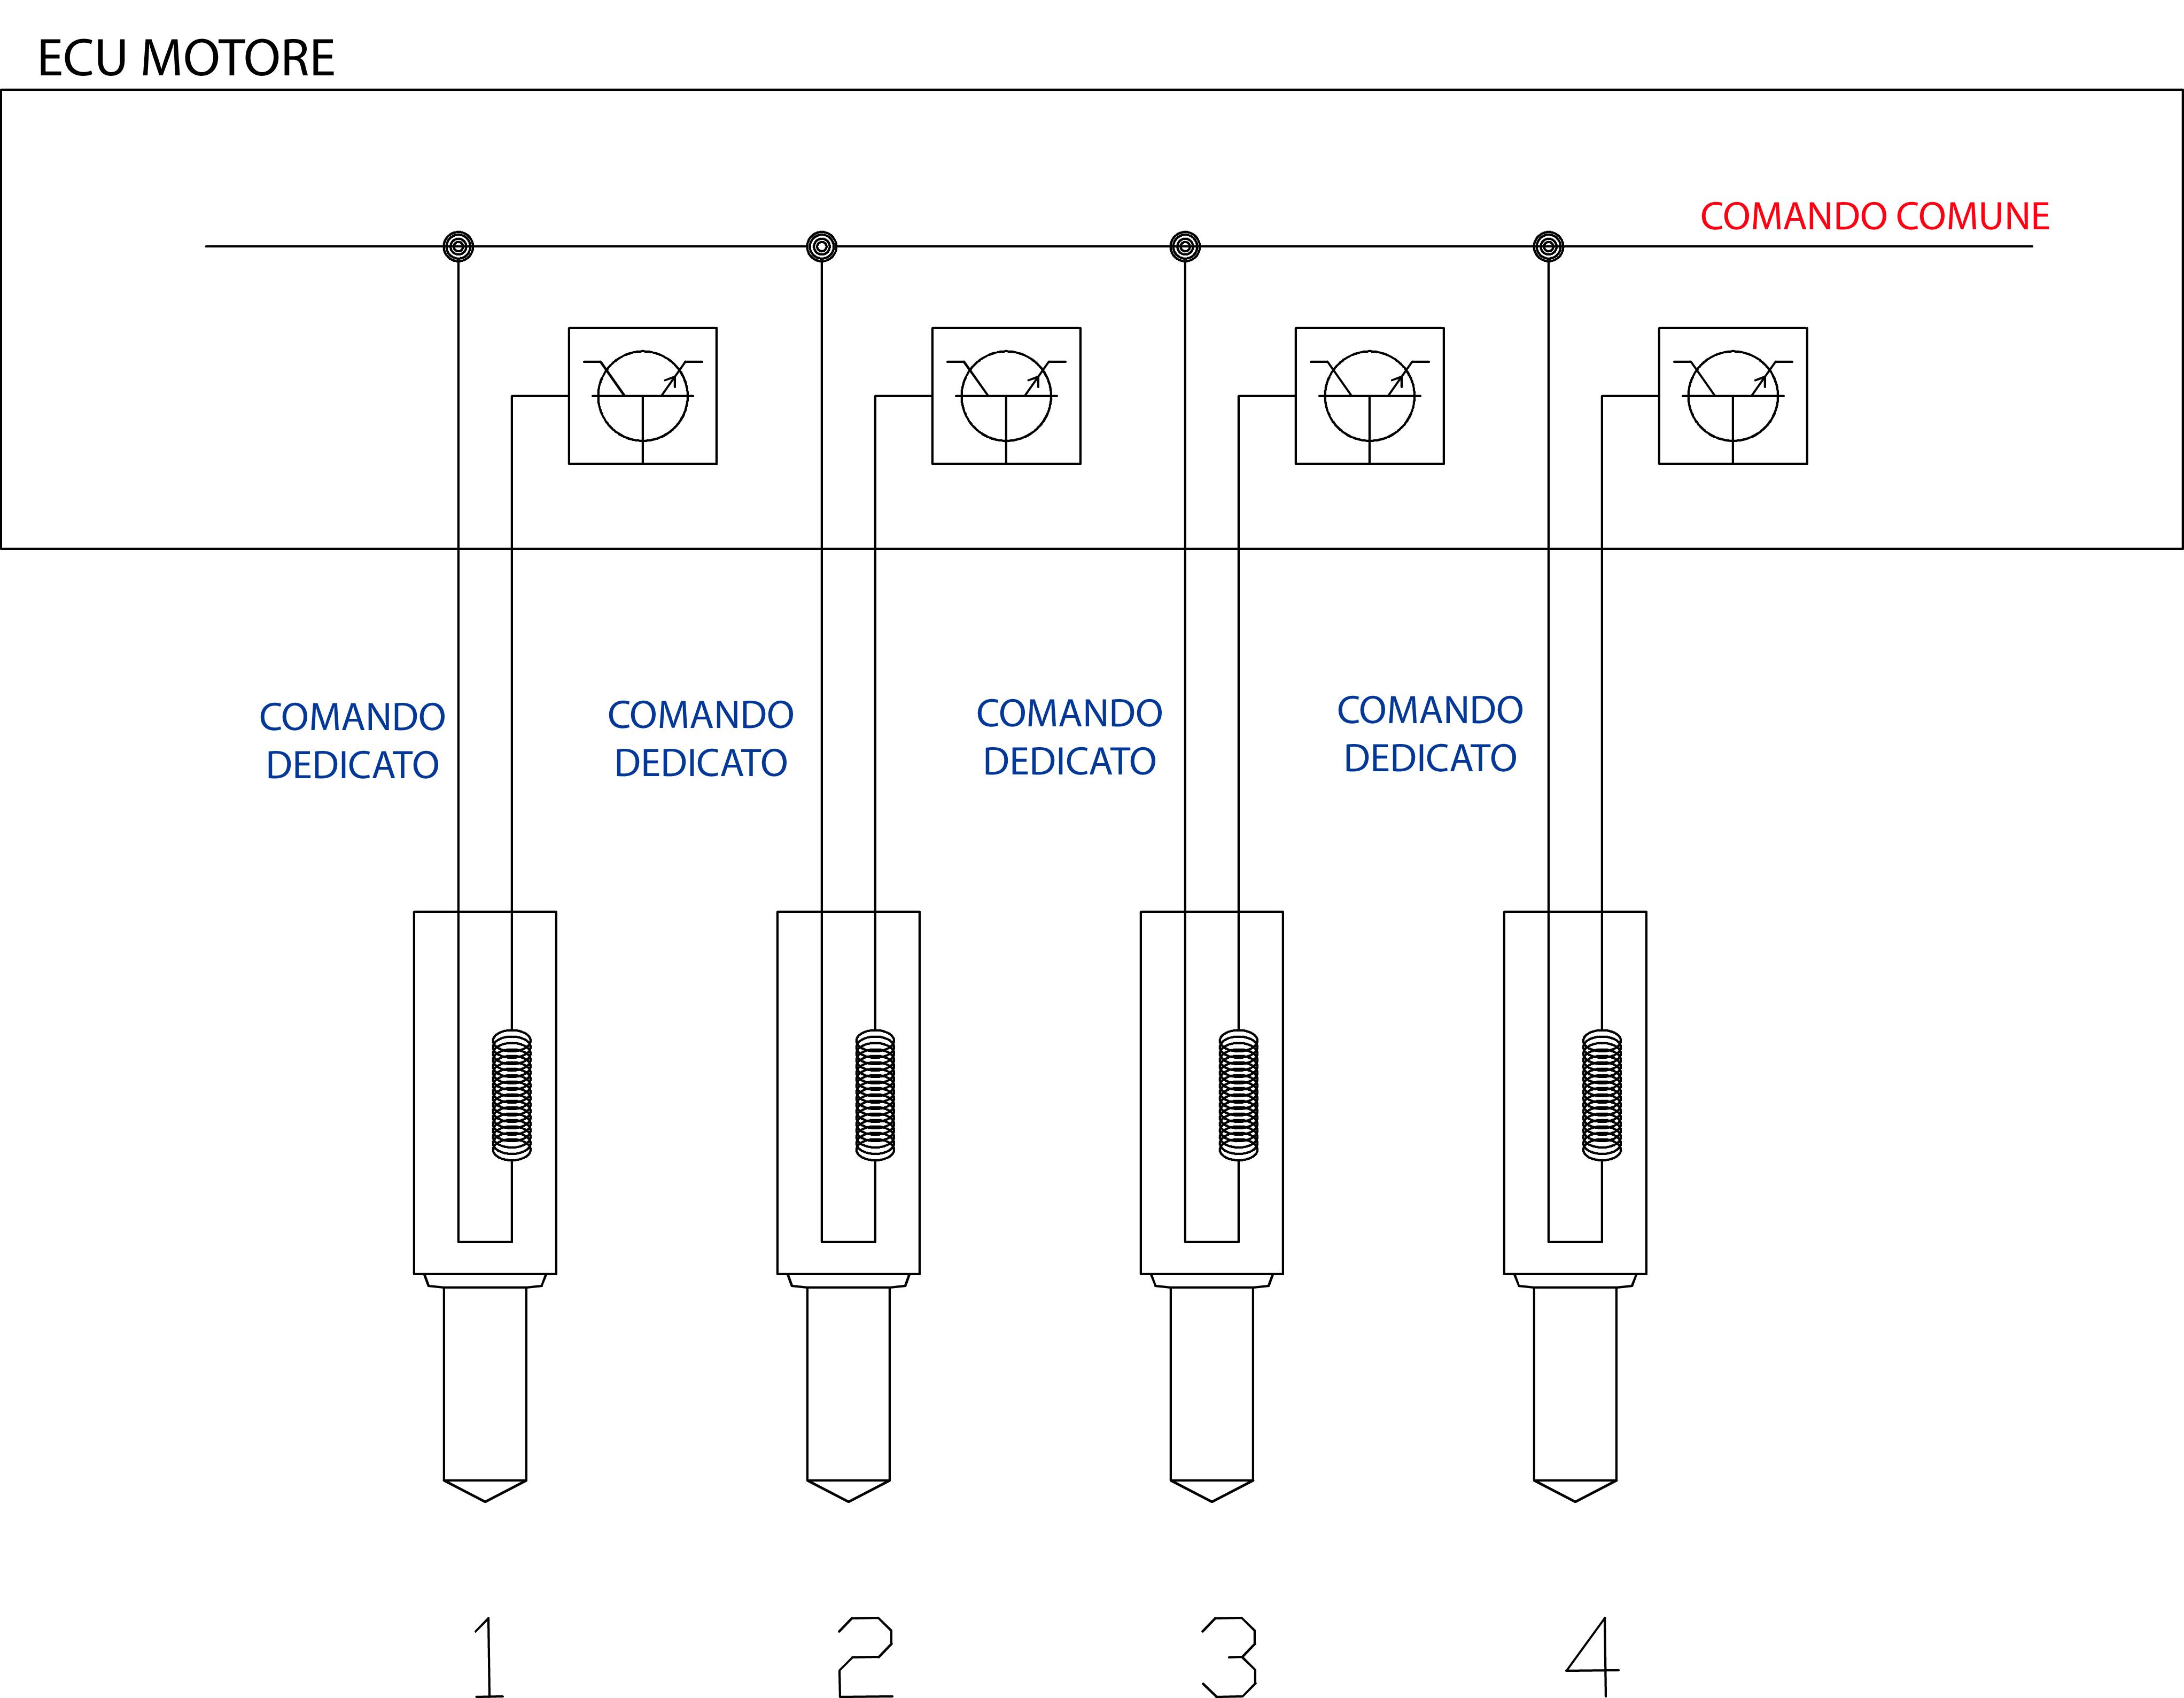 Schema Elettrico Ecu : Il comando e l assorbimento elettrico dell iniettore pompa